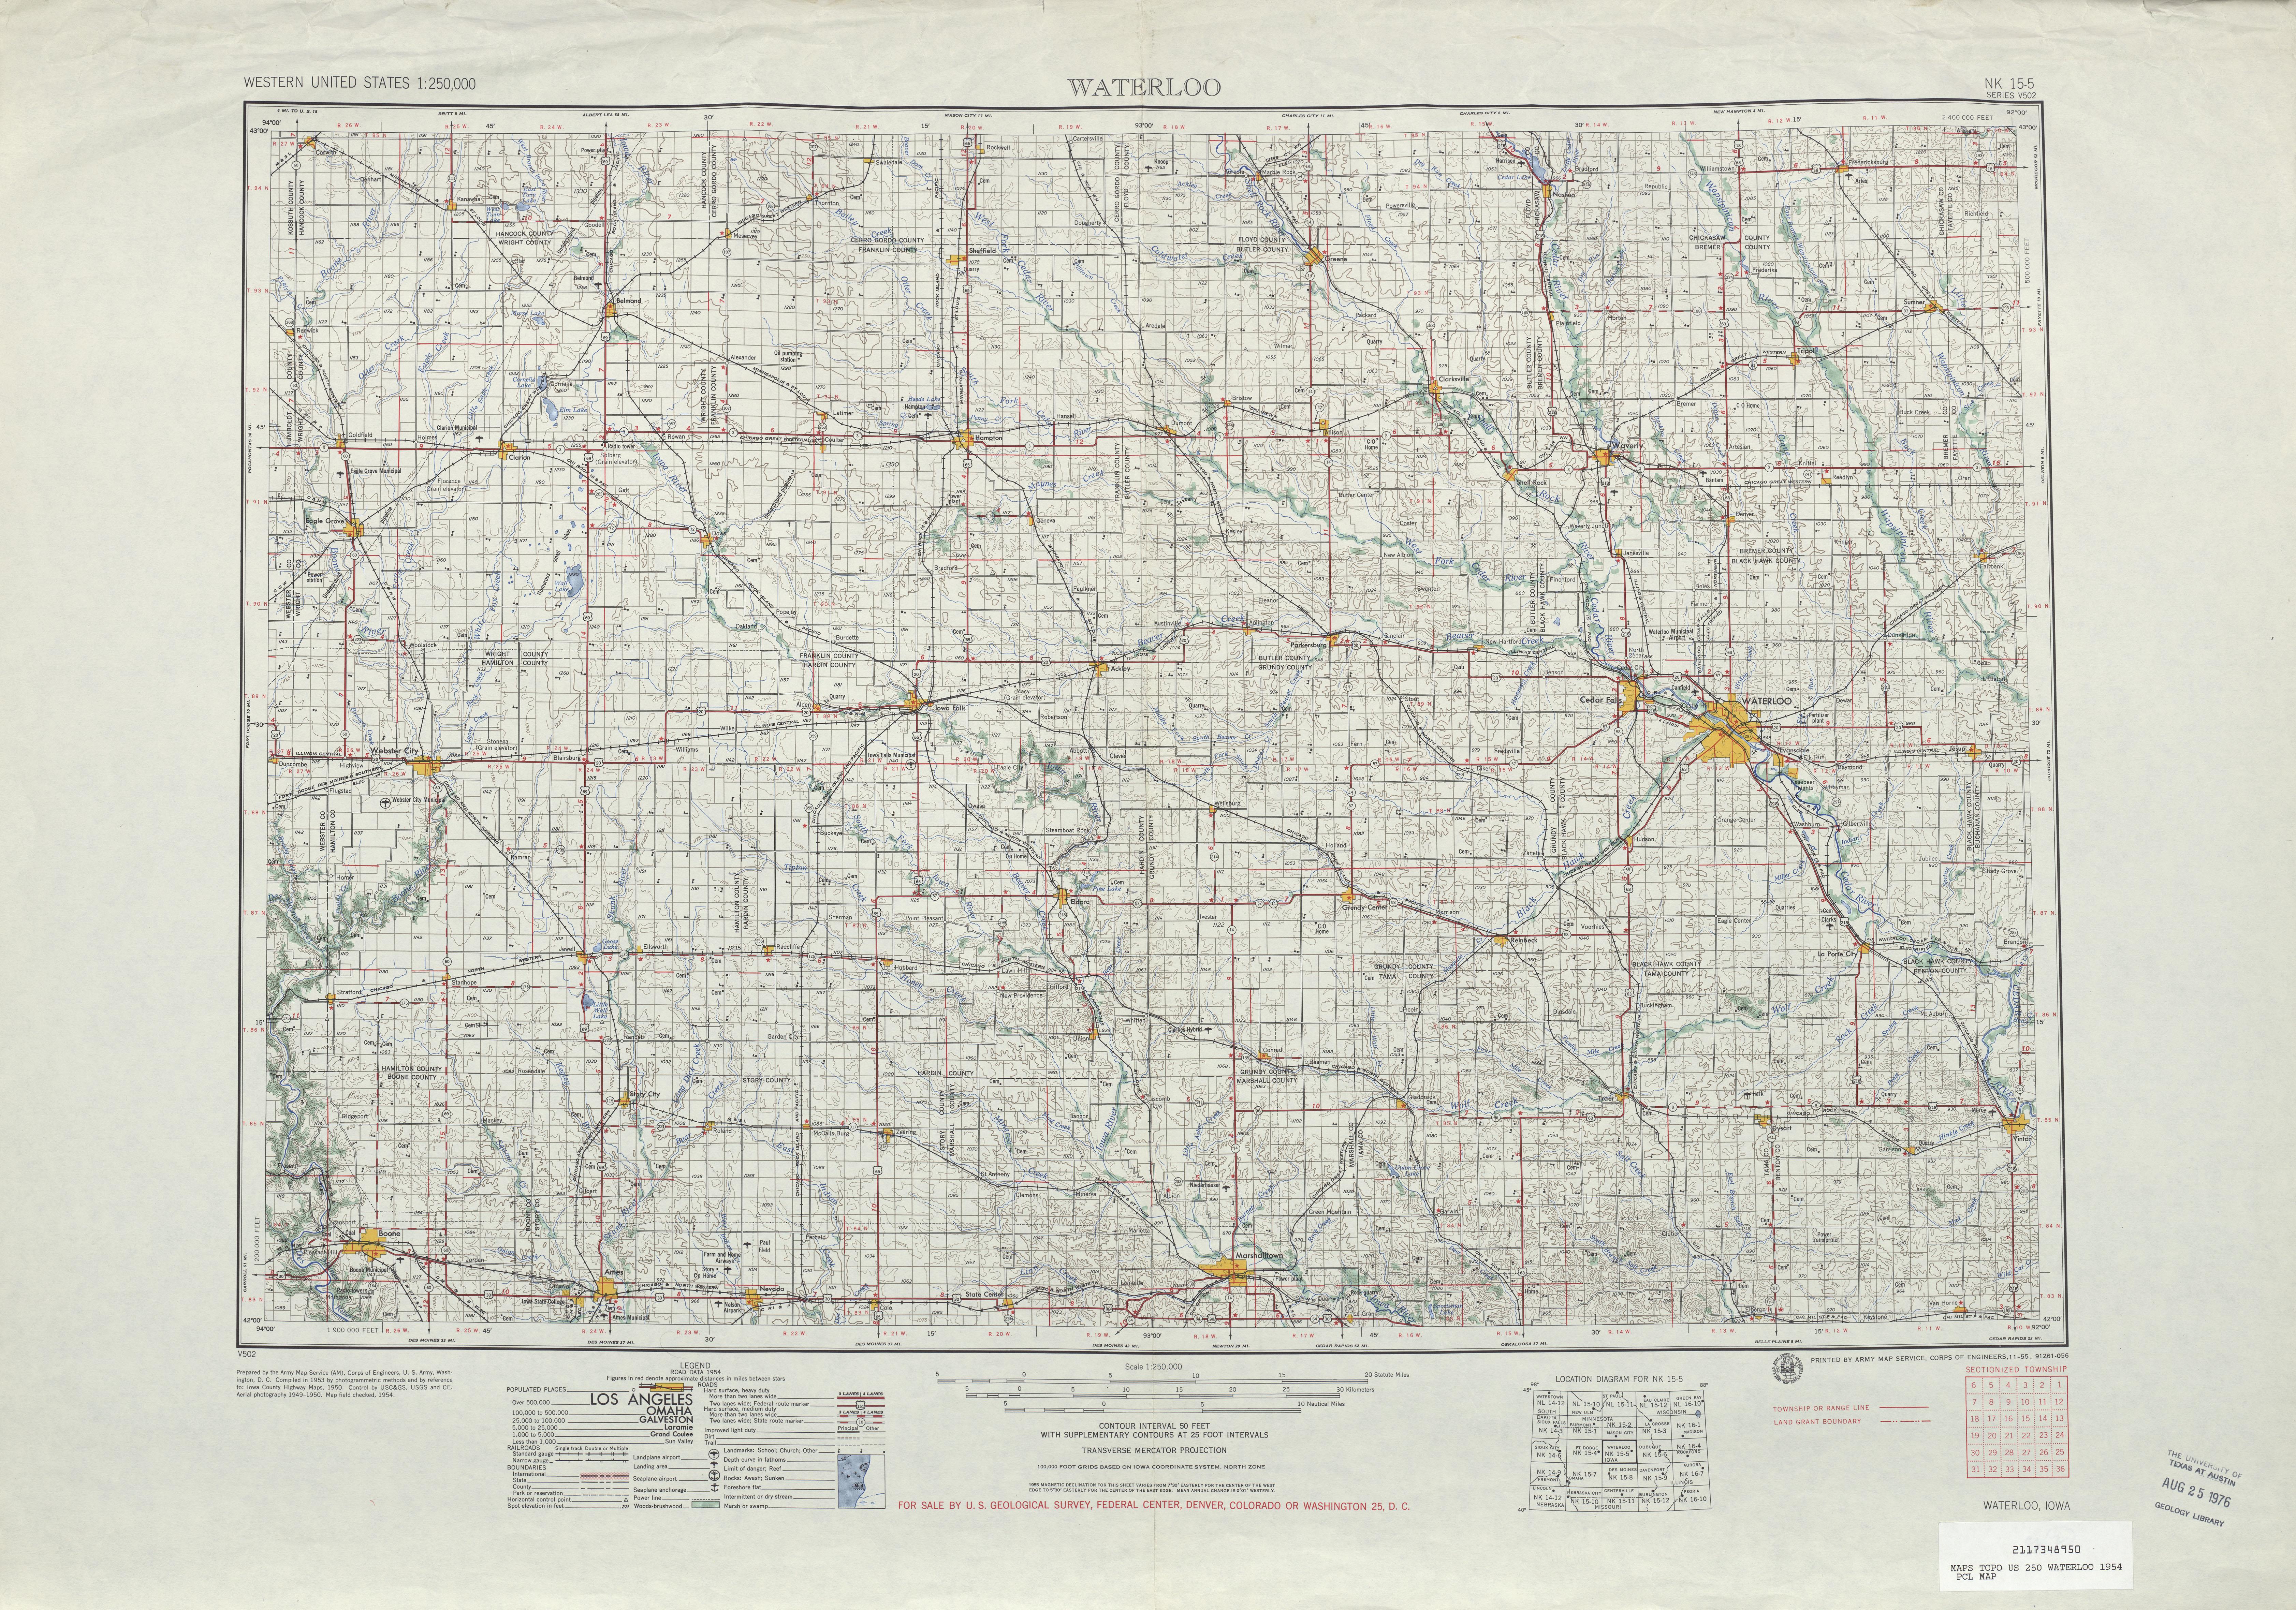 Hoja Waterloo del Mapa Topográfico de los Estados Unidos 1954